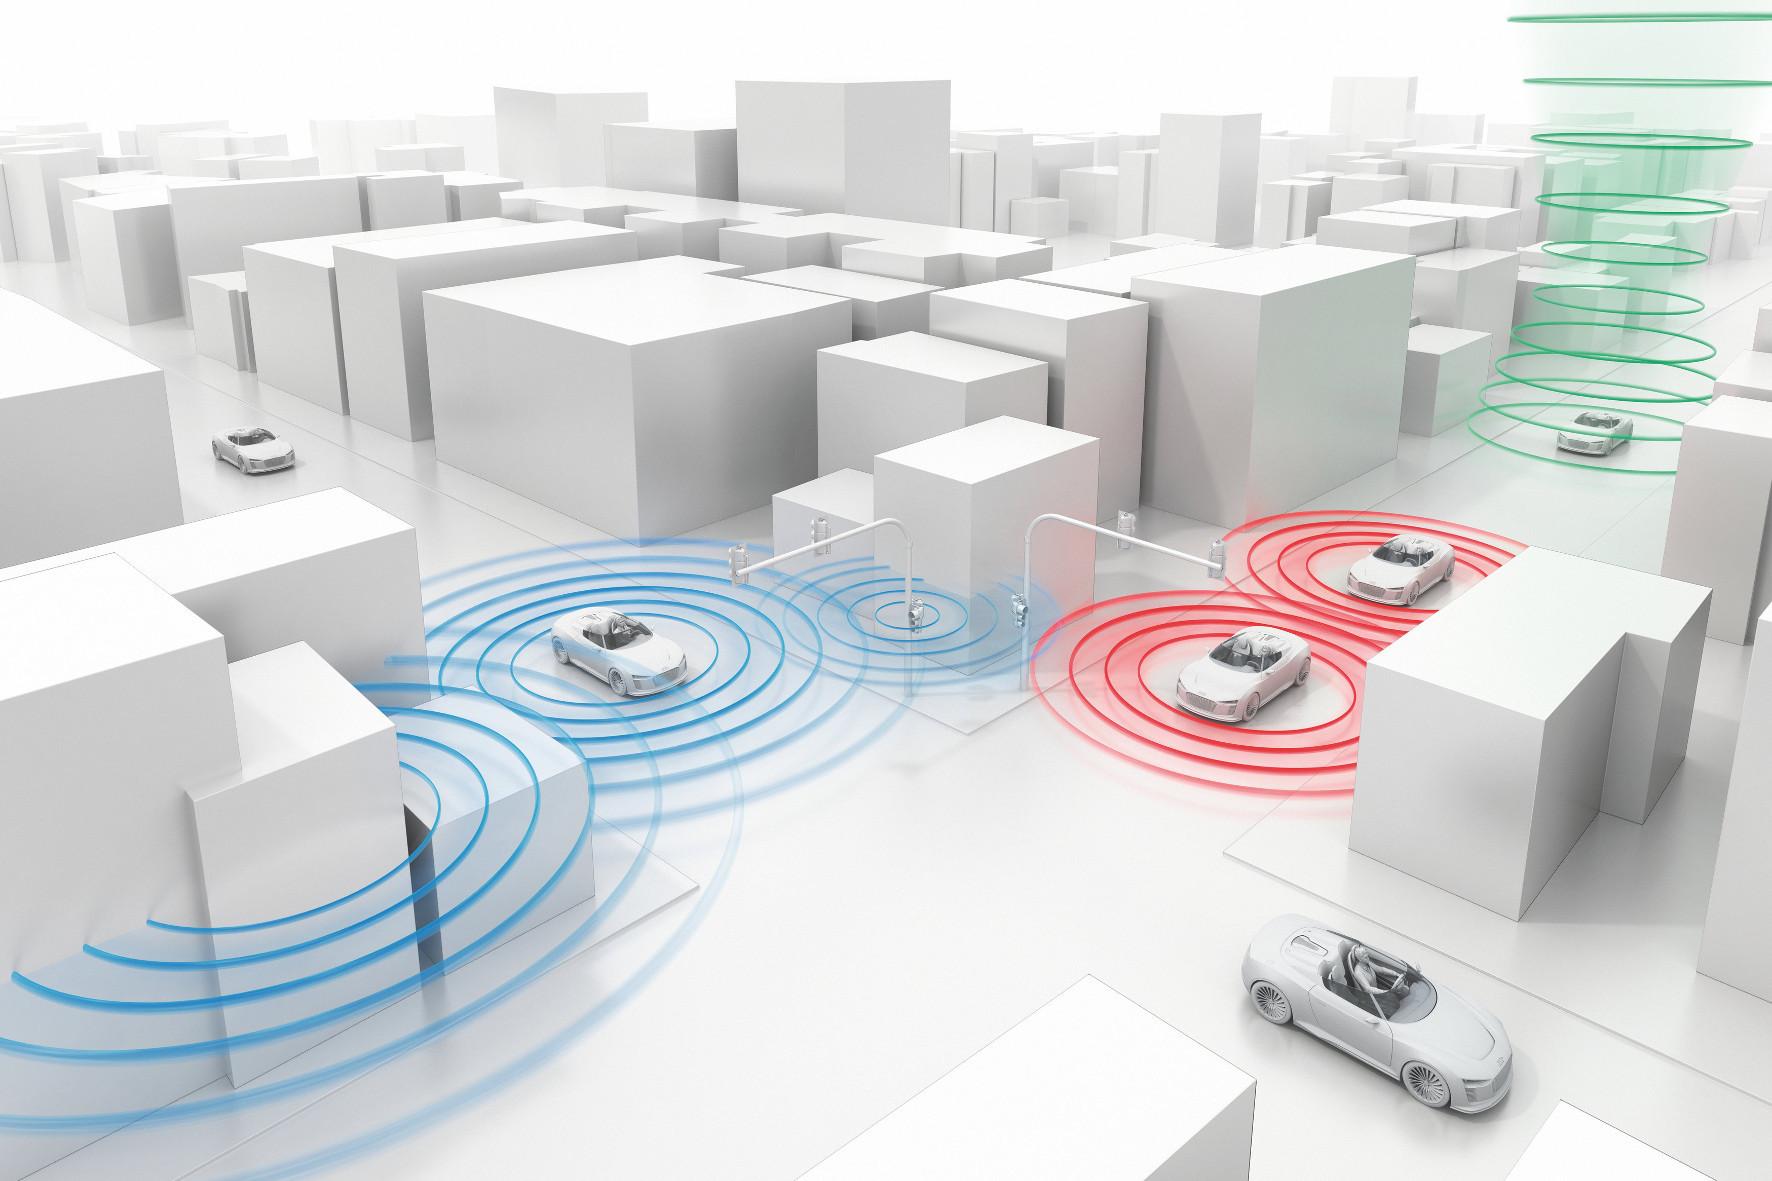 mid Groß-Gerau - Der Navigationsdaten-Anbieter Here will Echtzeitdaten nicht nur für die Eigner Daimler, Audi und BMW, sondern markenübergreifend anbieten. Denn je dichter die Vernetzung, desto genauer die Daten.